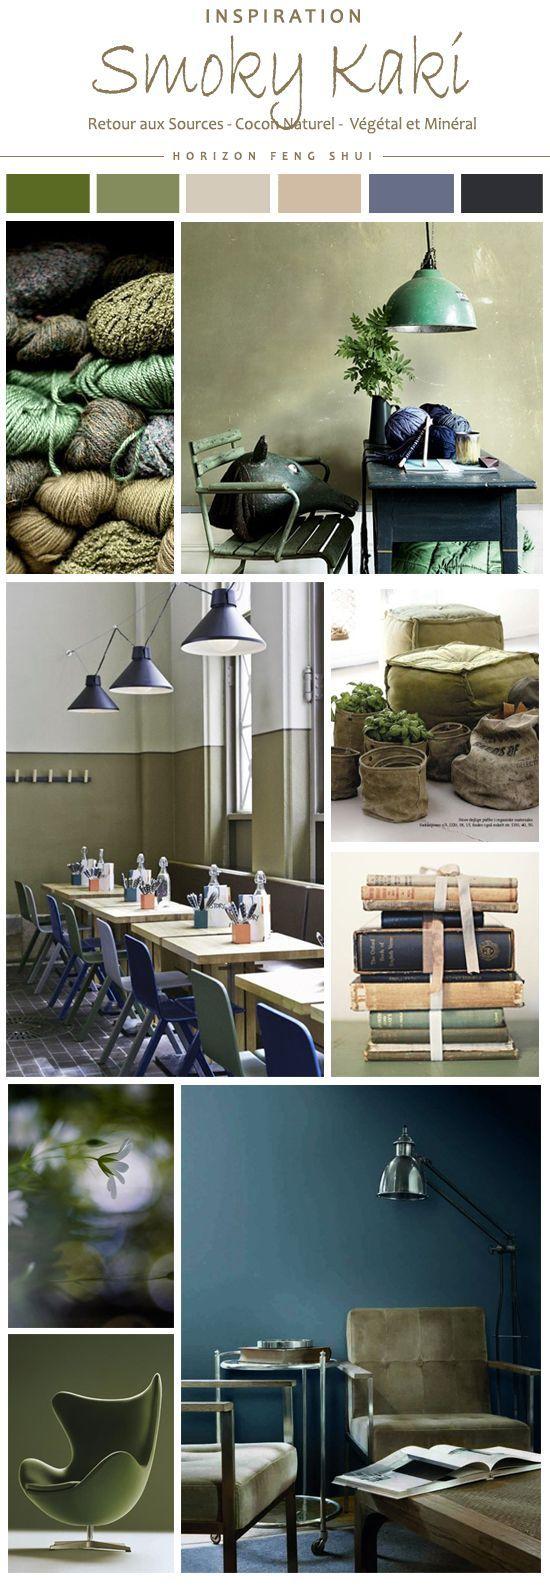 D co salon smoky kaki couleur feng shui tendances d co for Deco nature salon